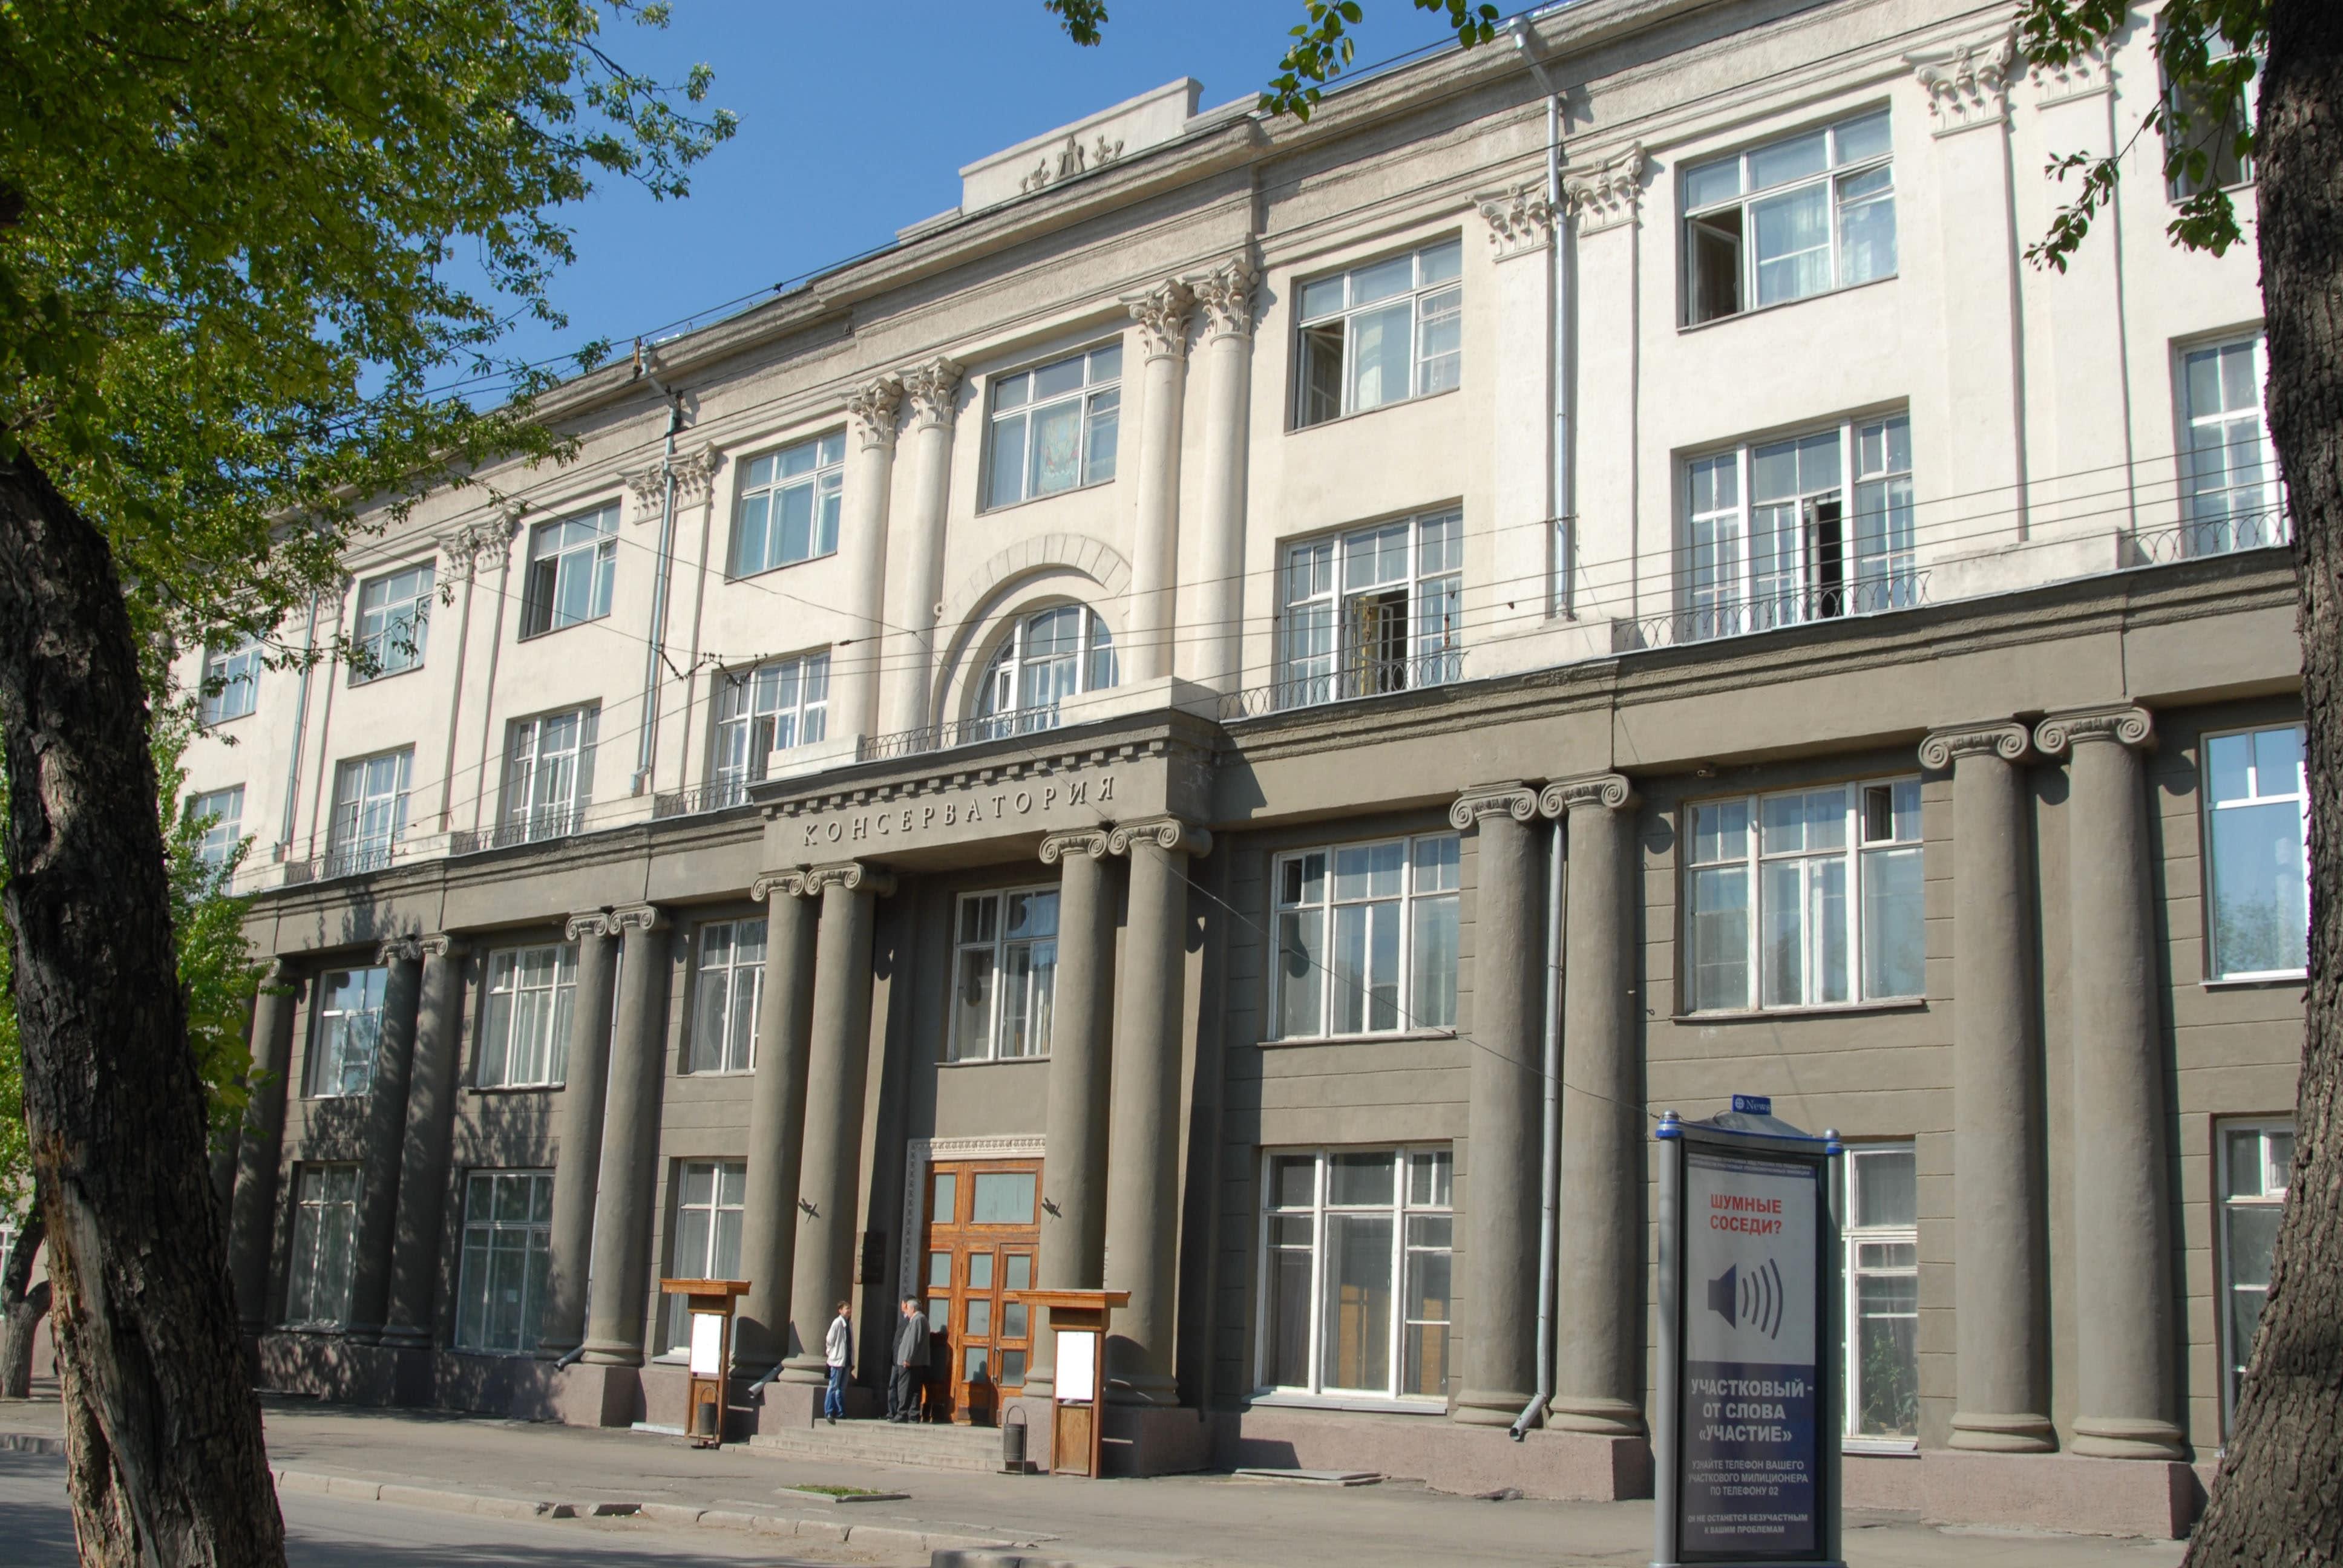 Новосибирская государственная консерватория имени Глинки